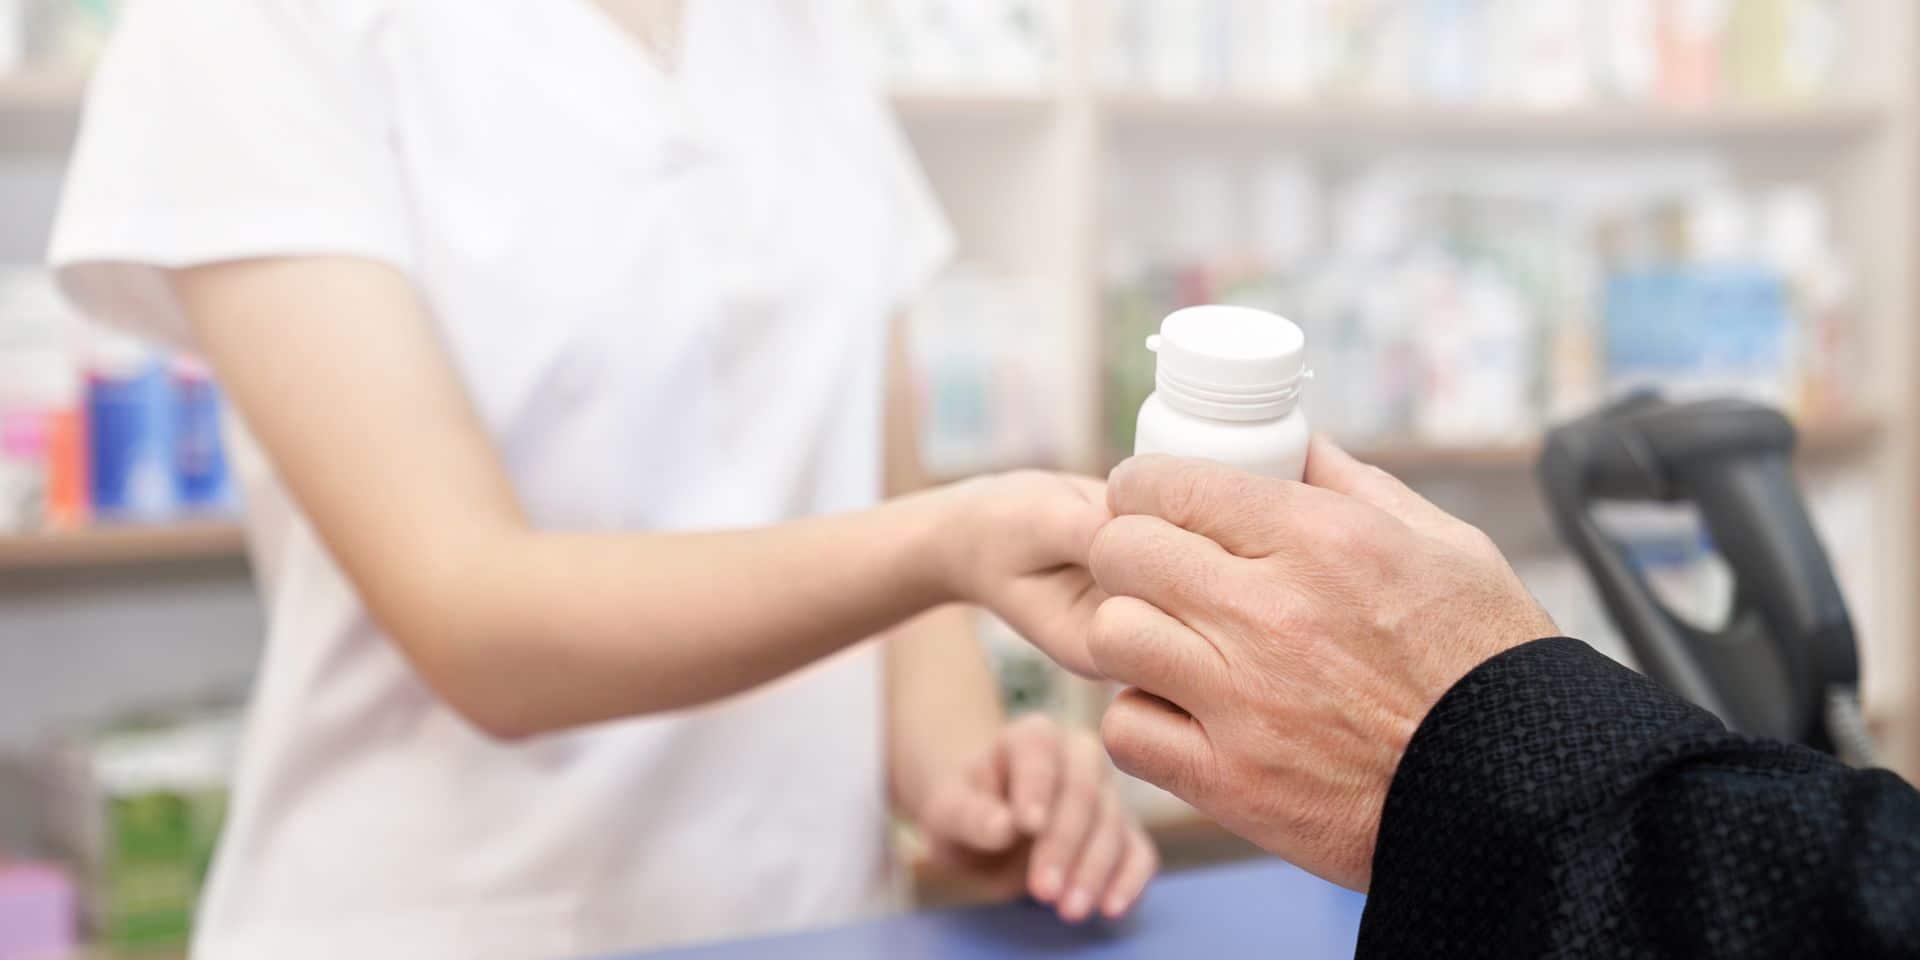 """""""Les citoyens doivent être alertés! C'est une bombe pour le prochain gouvernement"""": Vidis, la base de données pharmaceutiques qui inquiète des médecins"""